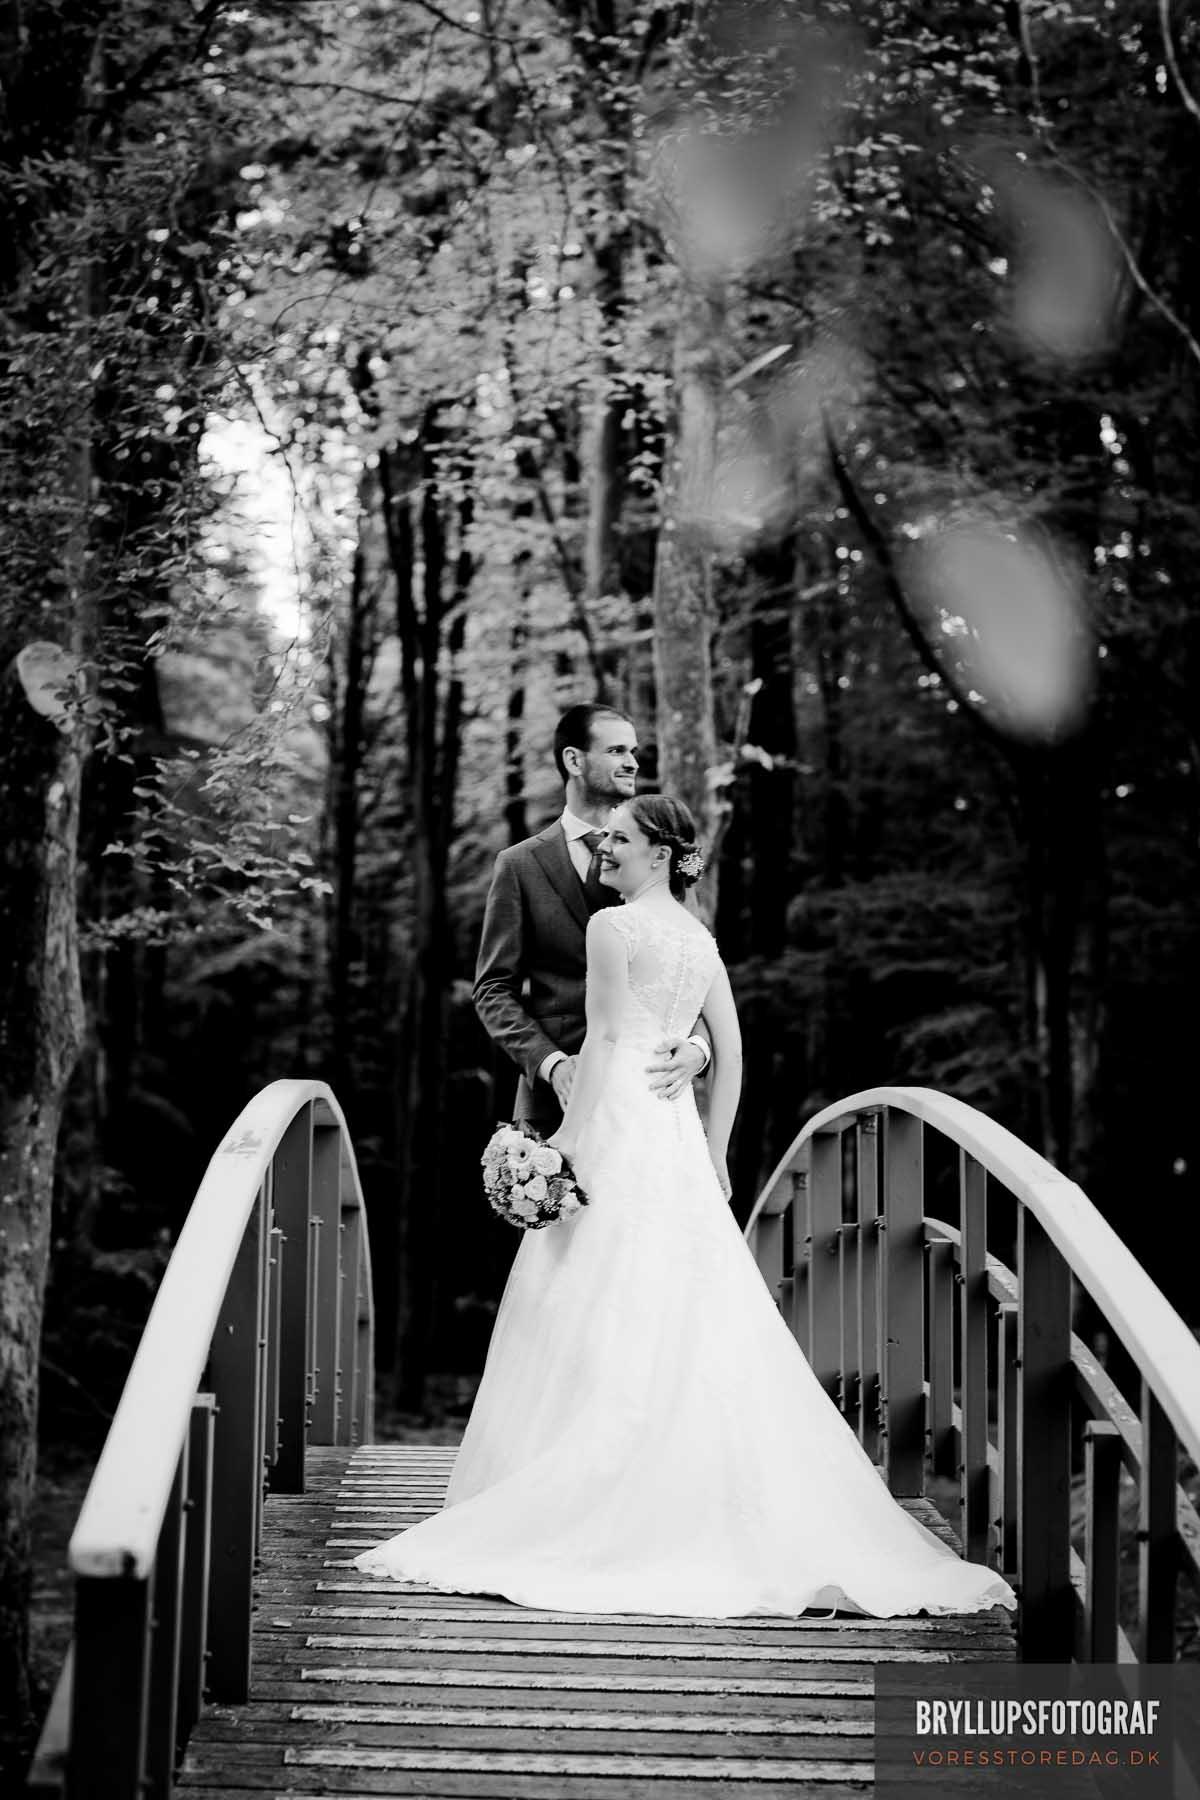 Bryllup i skoven ved fjorden